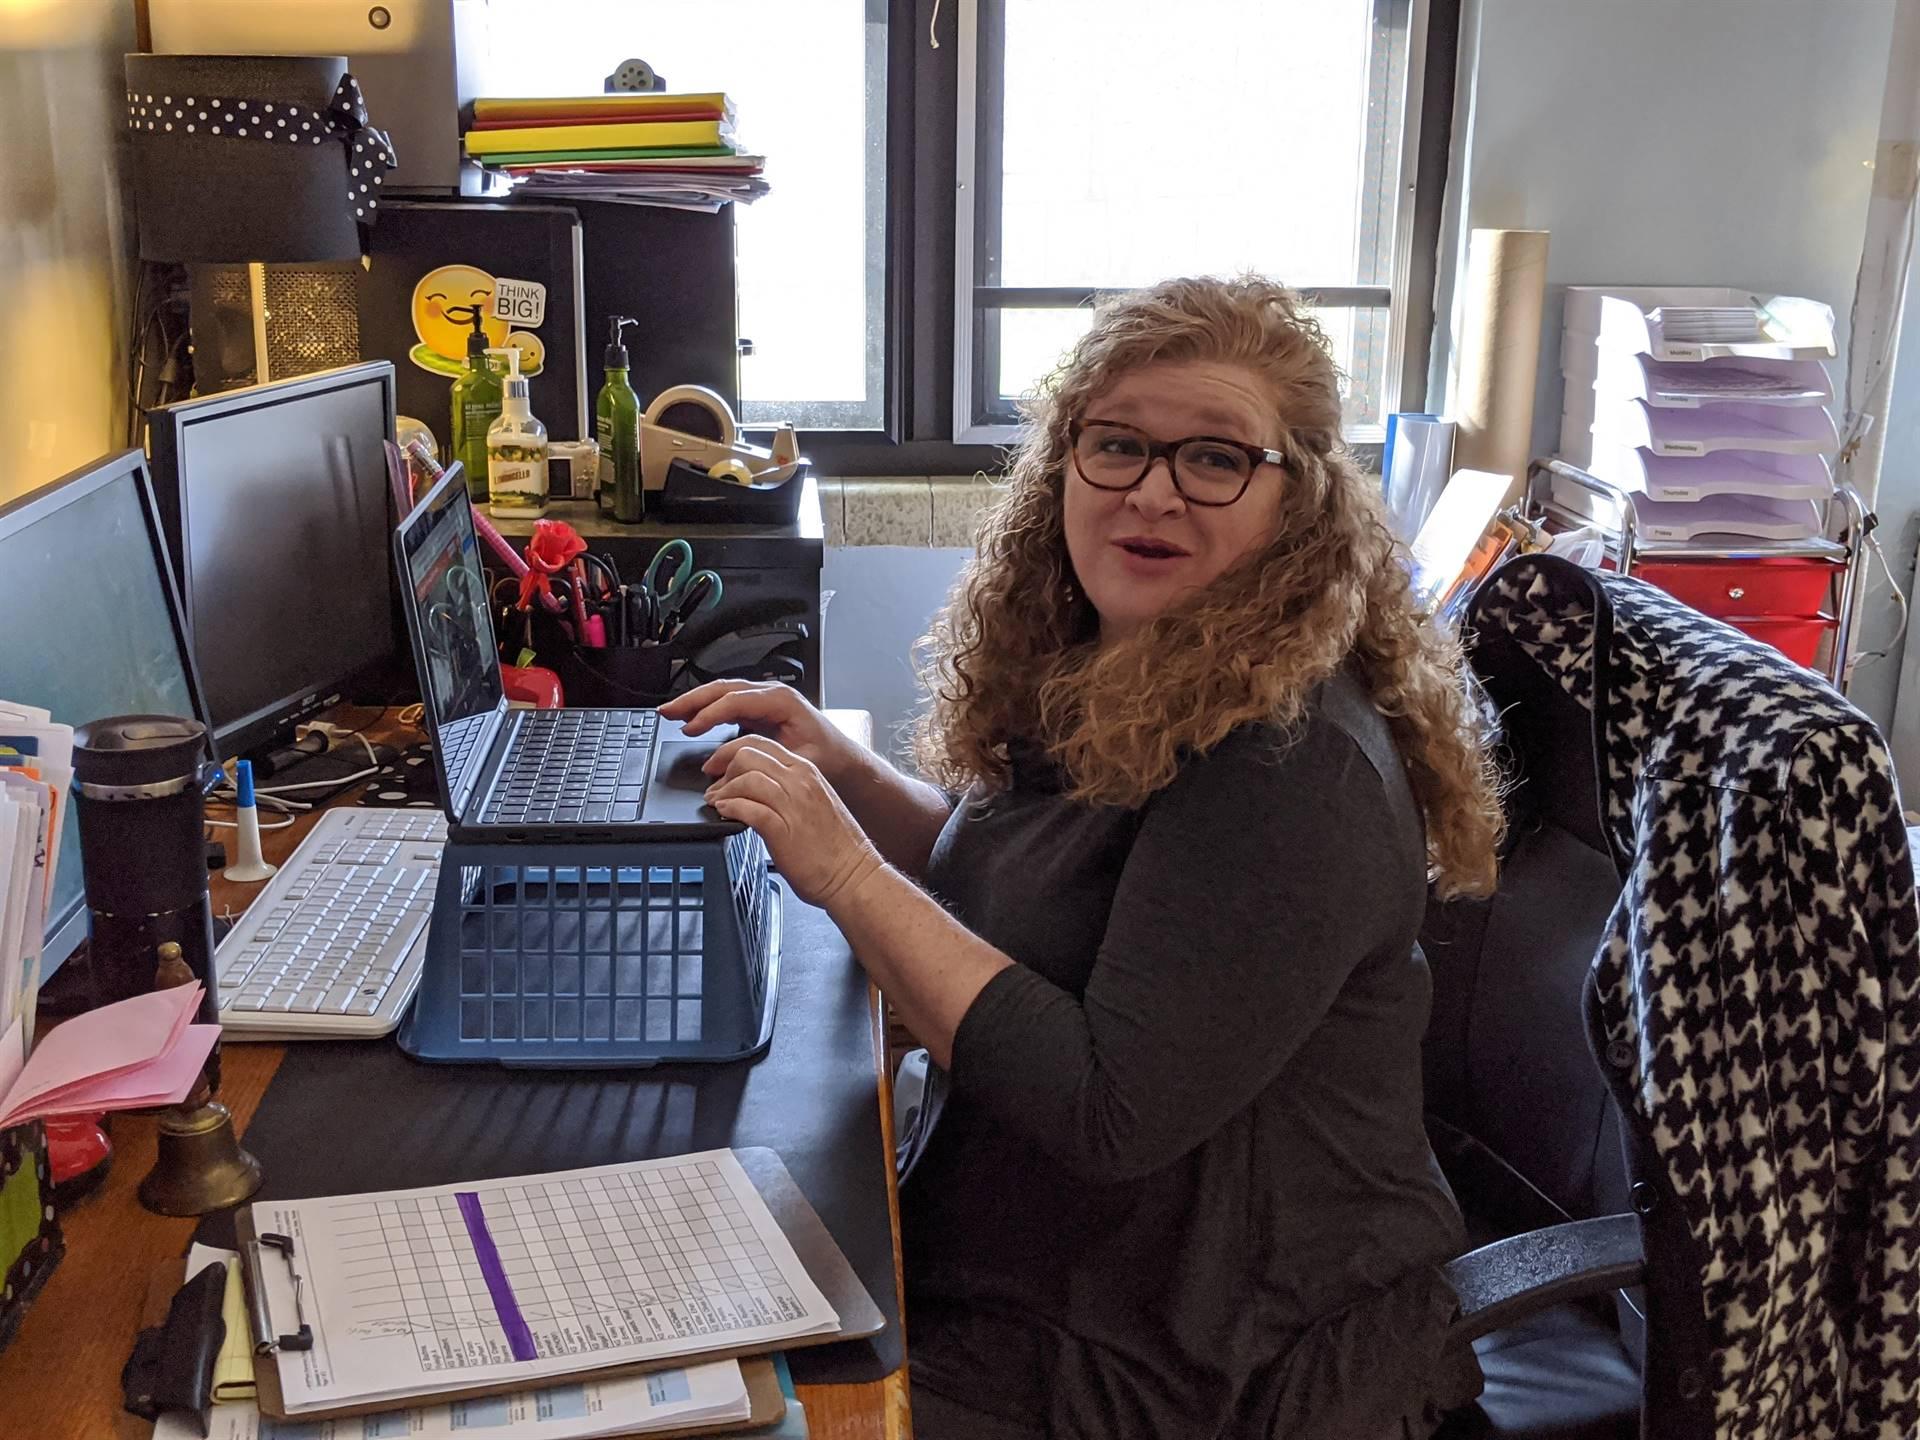 Park Elementary teacher, Mrs. Setzer, preparing for remote learning.